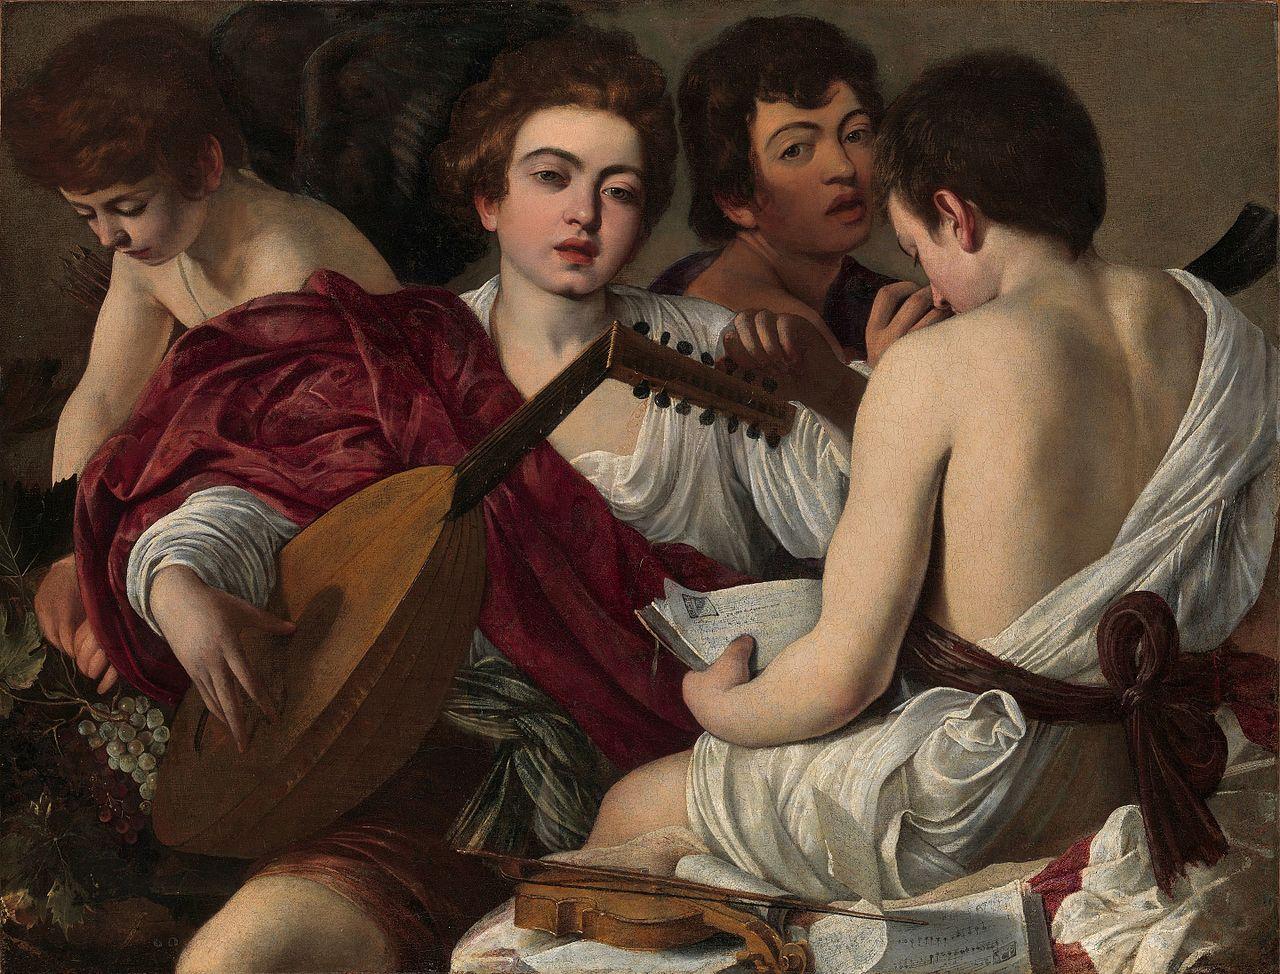 Caravaggio -I musici - 1595 ca - Olio su tela - 92,1 × 118,4 cm - New York, Metropolitan Museum of Art.